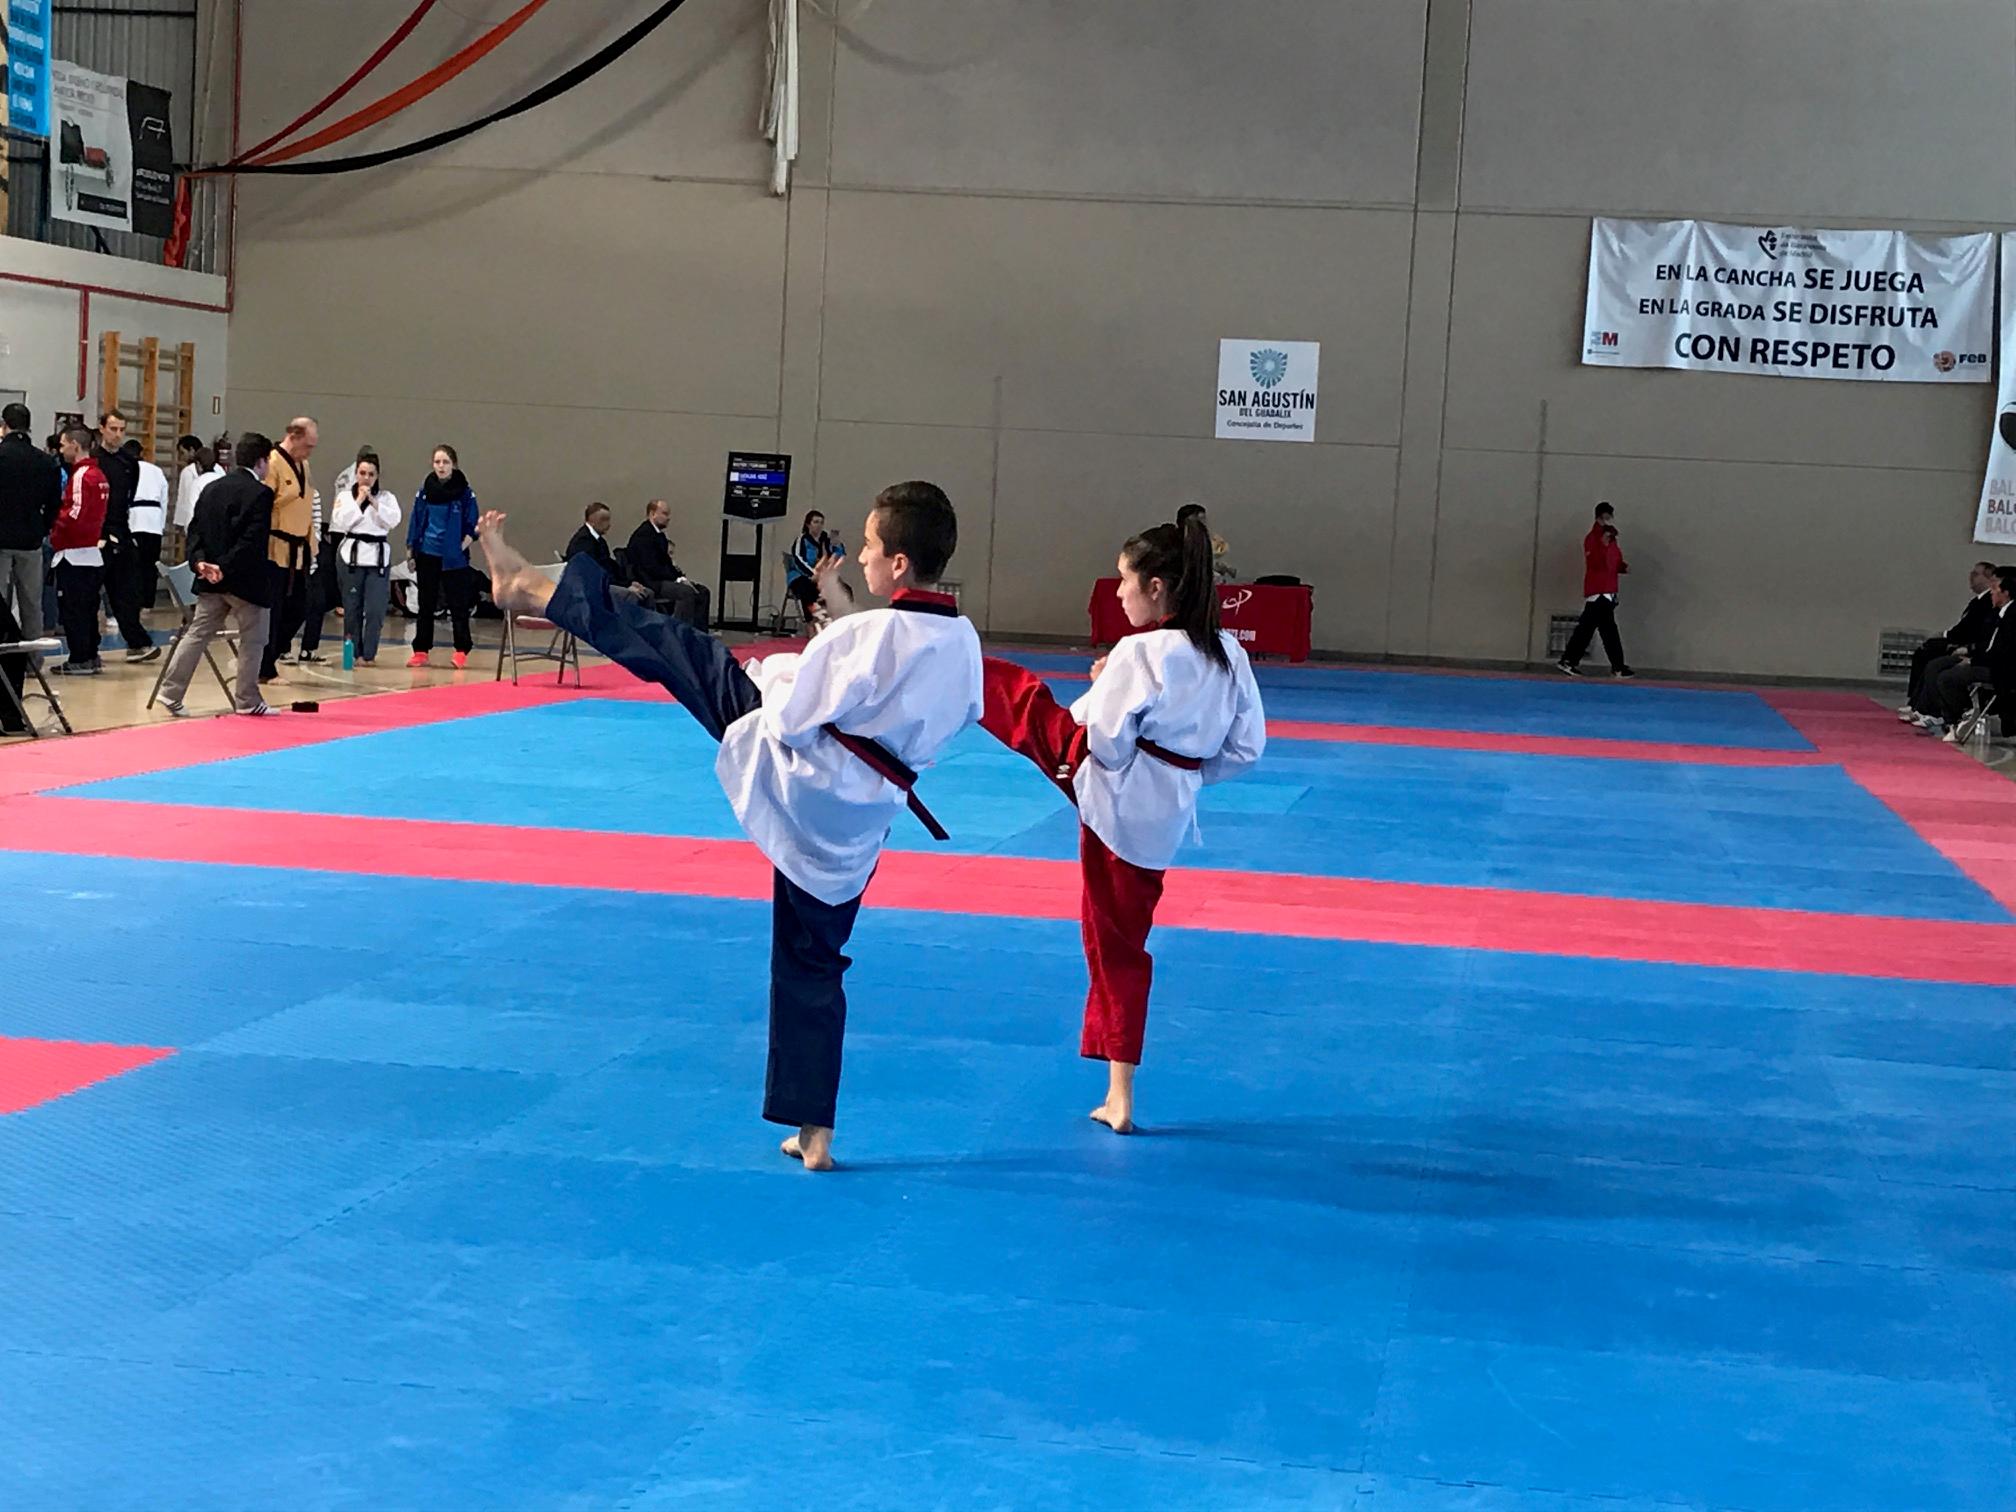 fisioterapia taekwondo